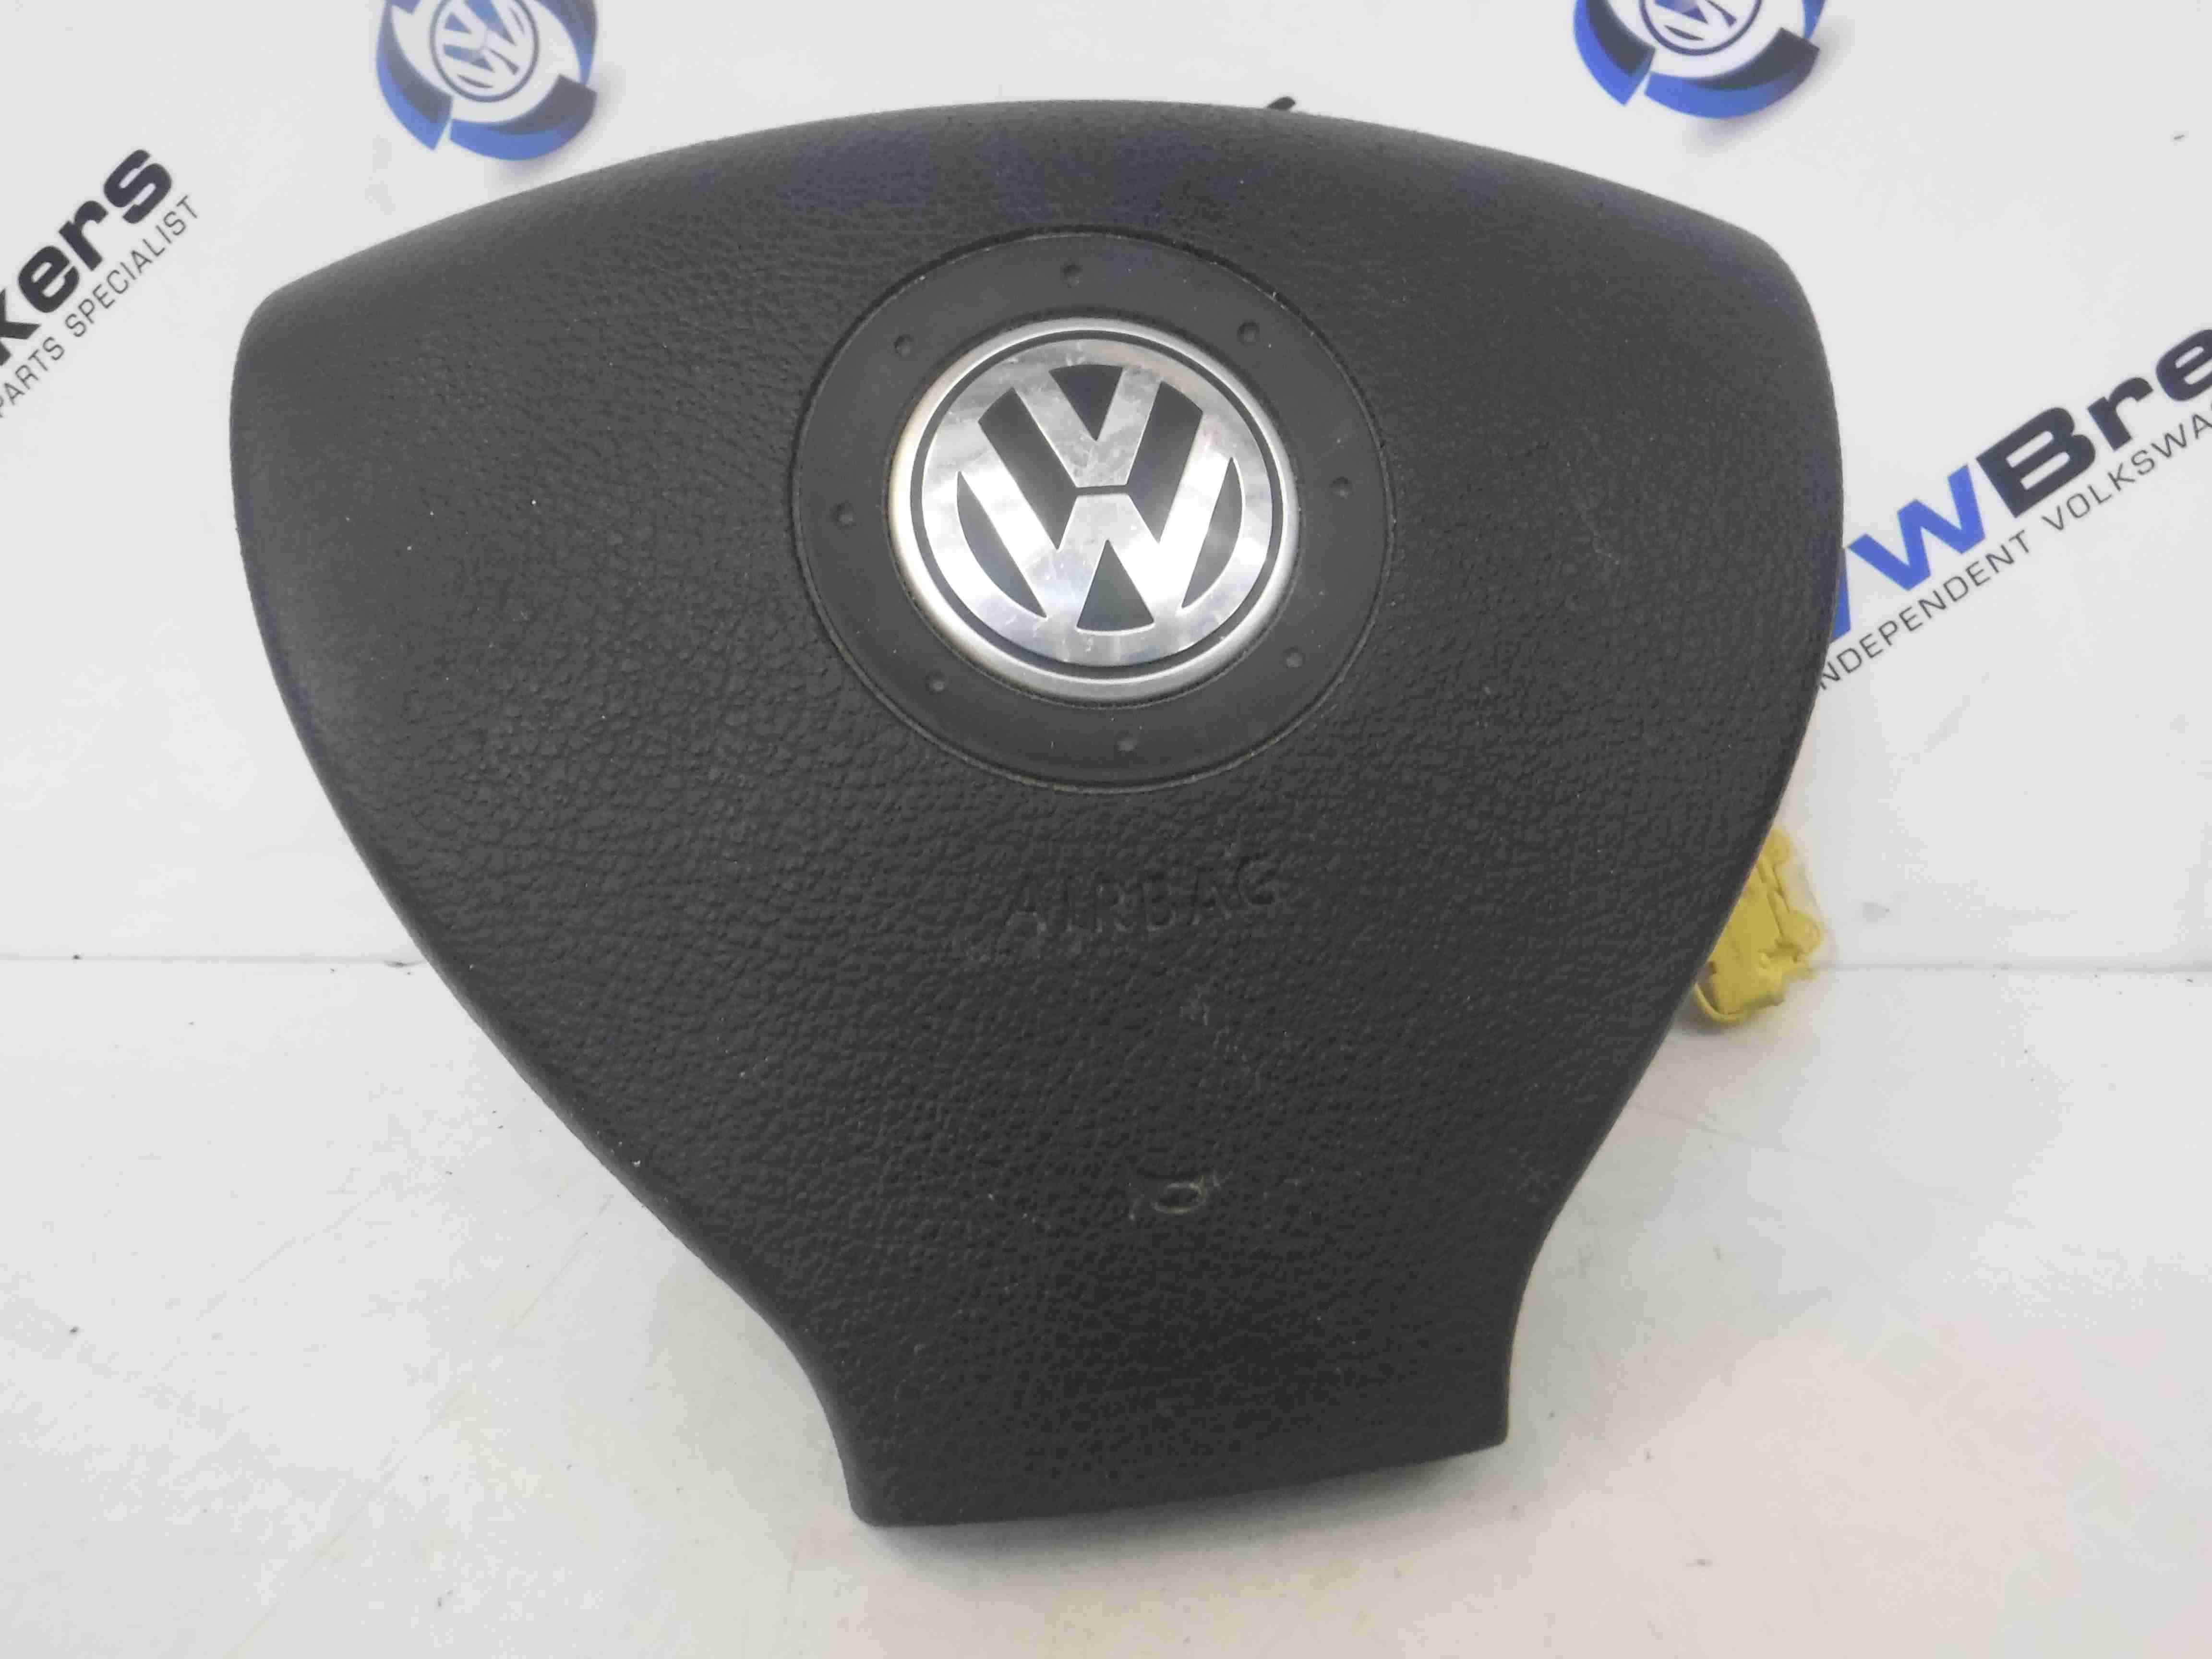 Volkswagen Passat B6 2005-2010 Steering Wheel Bag 1K0880201BS